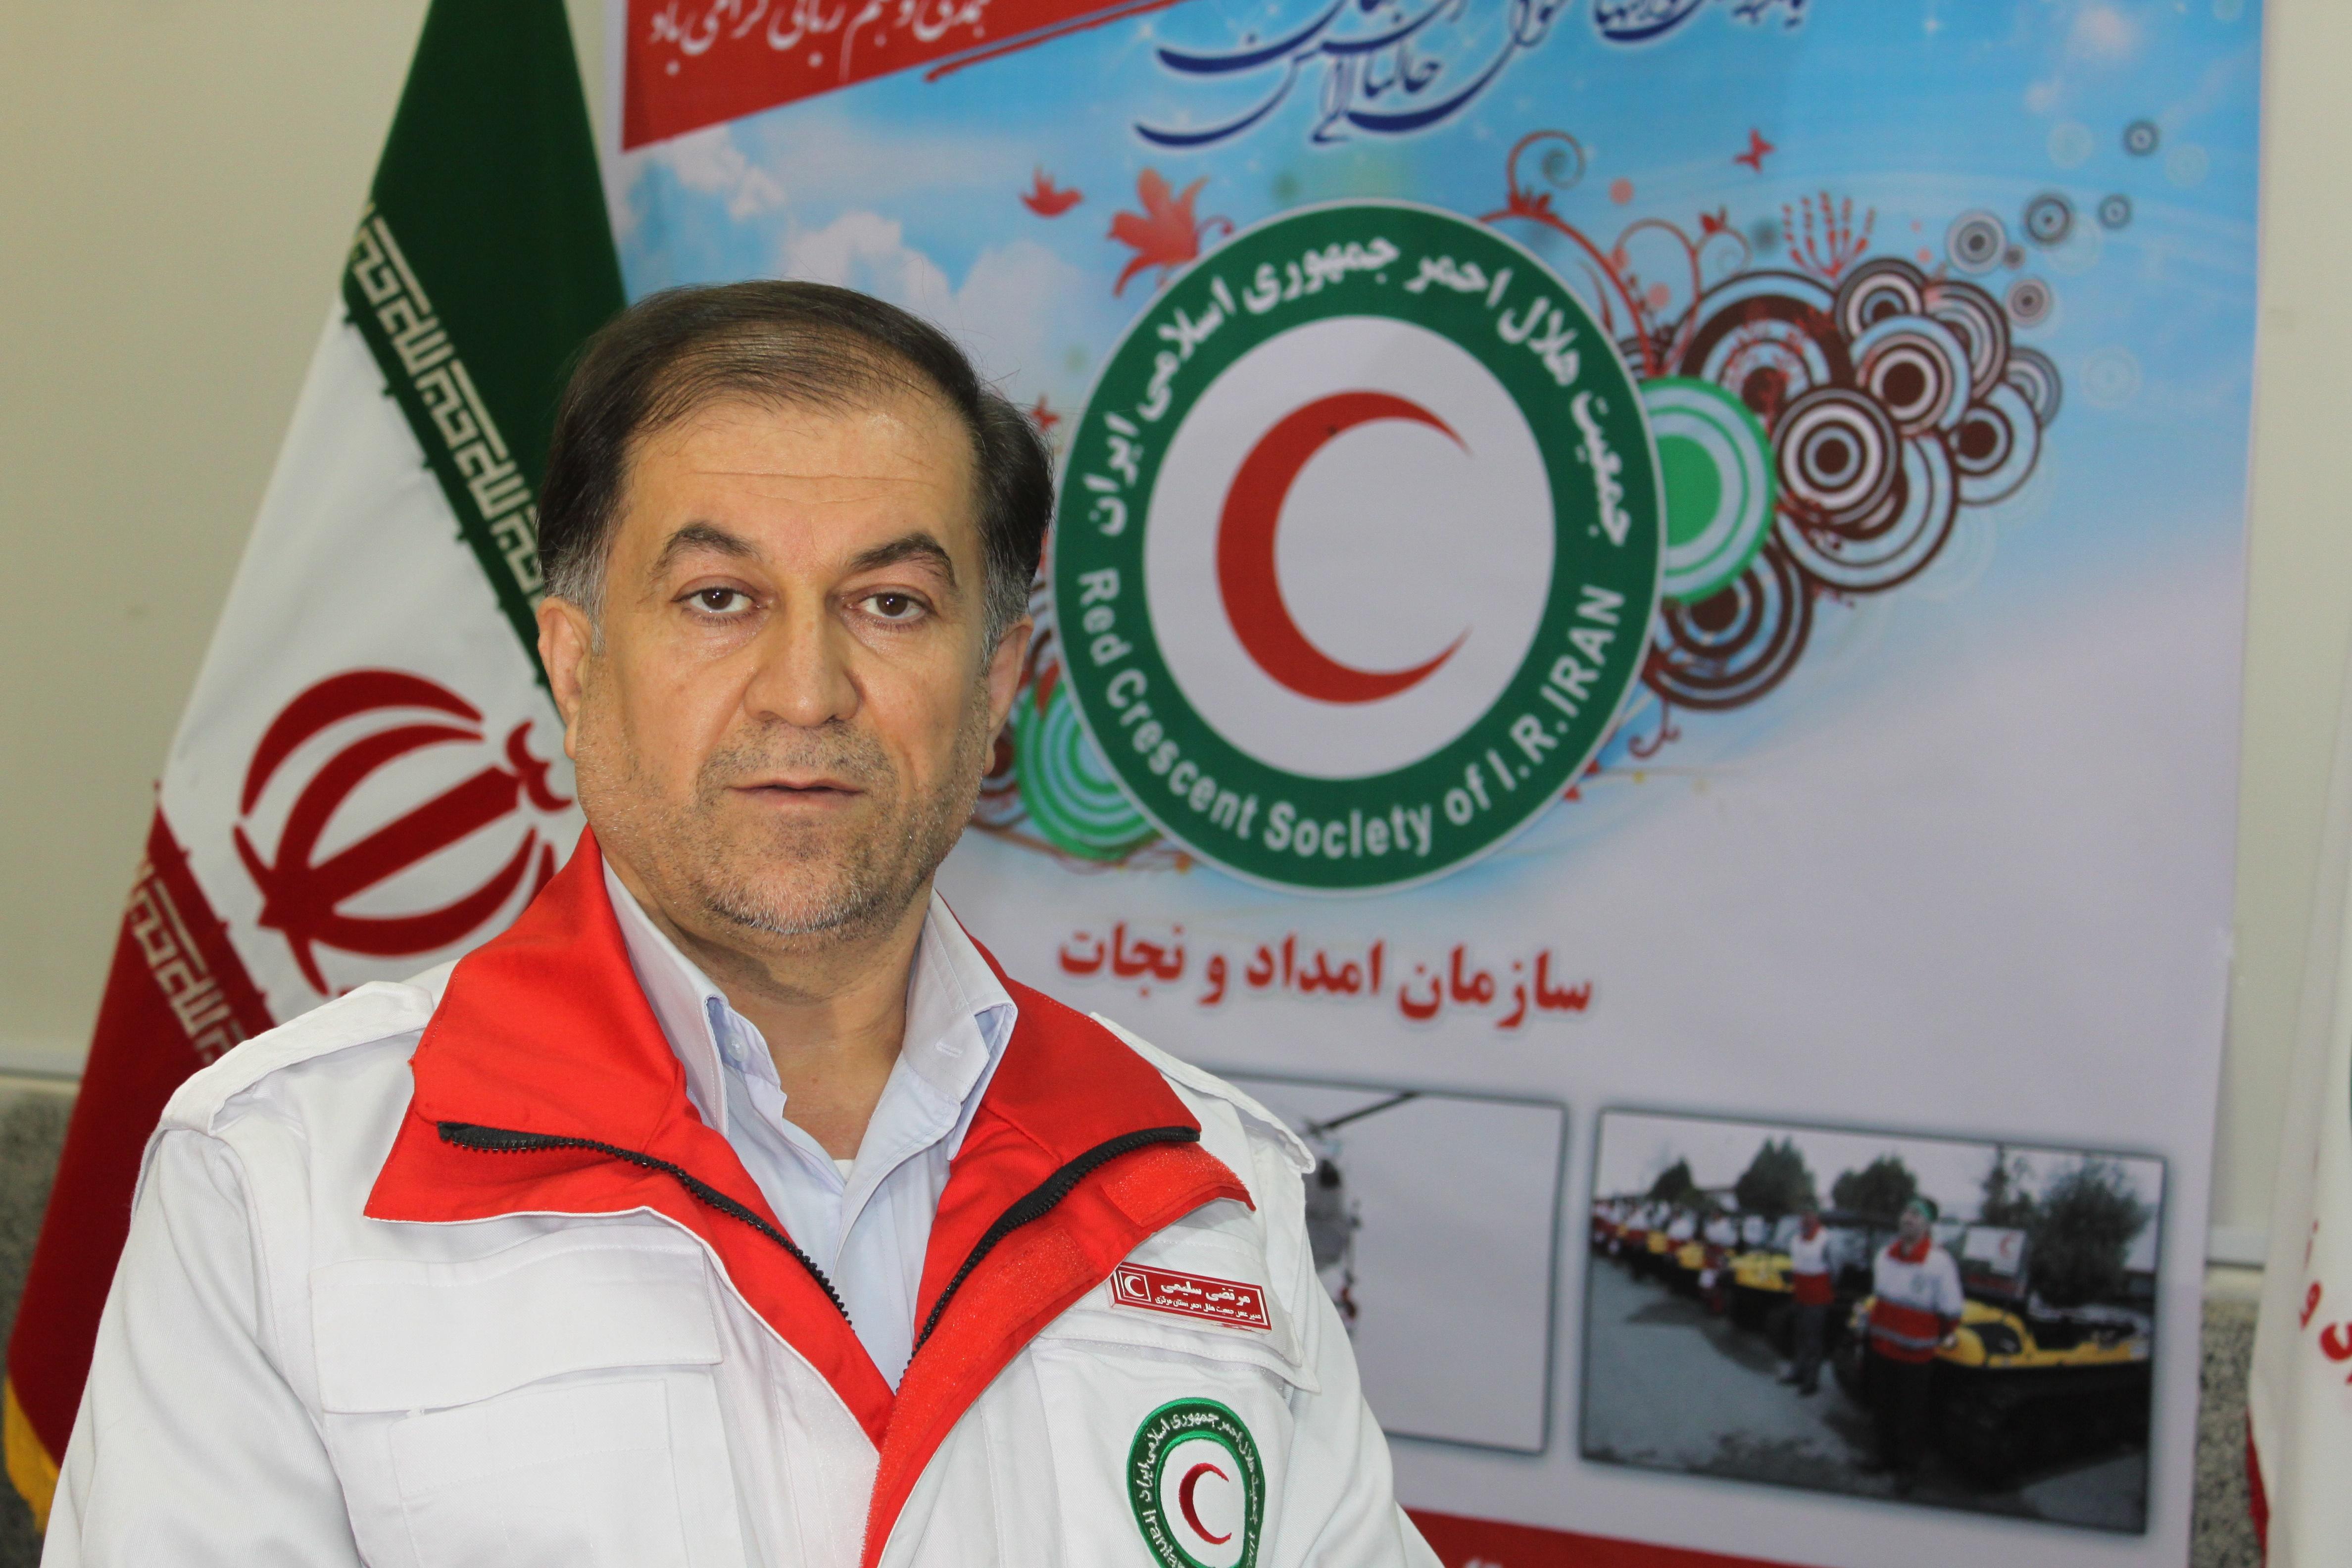 دو پروژه عمرانی هلال ا حمر استان مرکزی در هفته دولت به بهره برداری می رسد